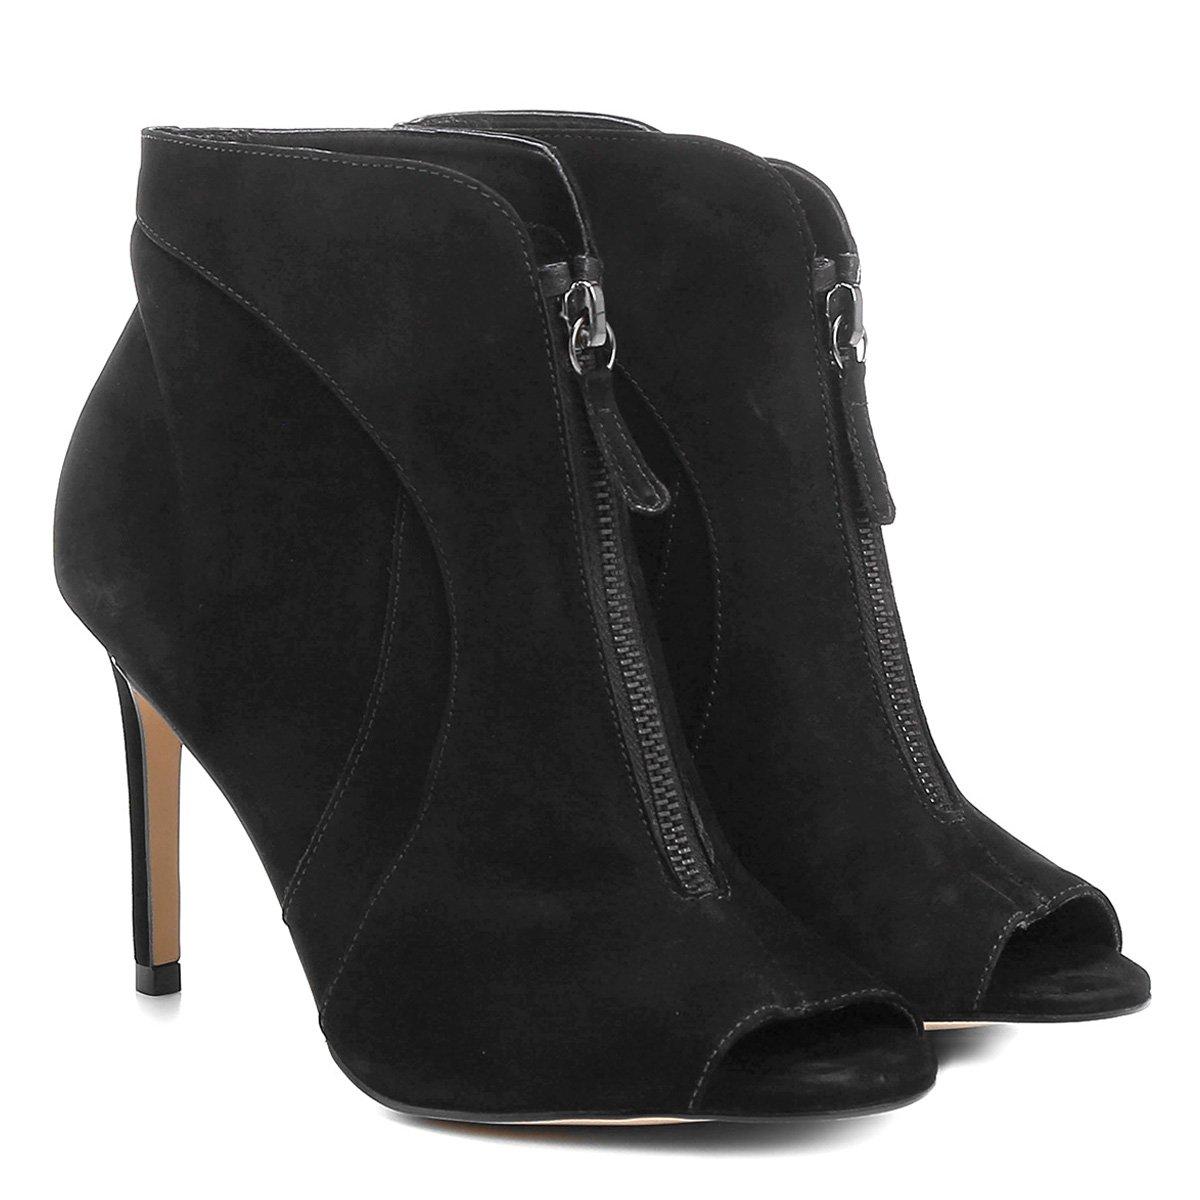 ce4fa08ab Ankle Boot Couro Shoestock Salto Fino Zíper | Shoestock